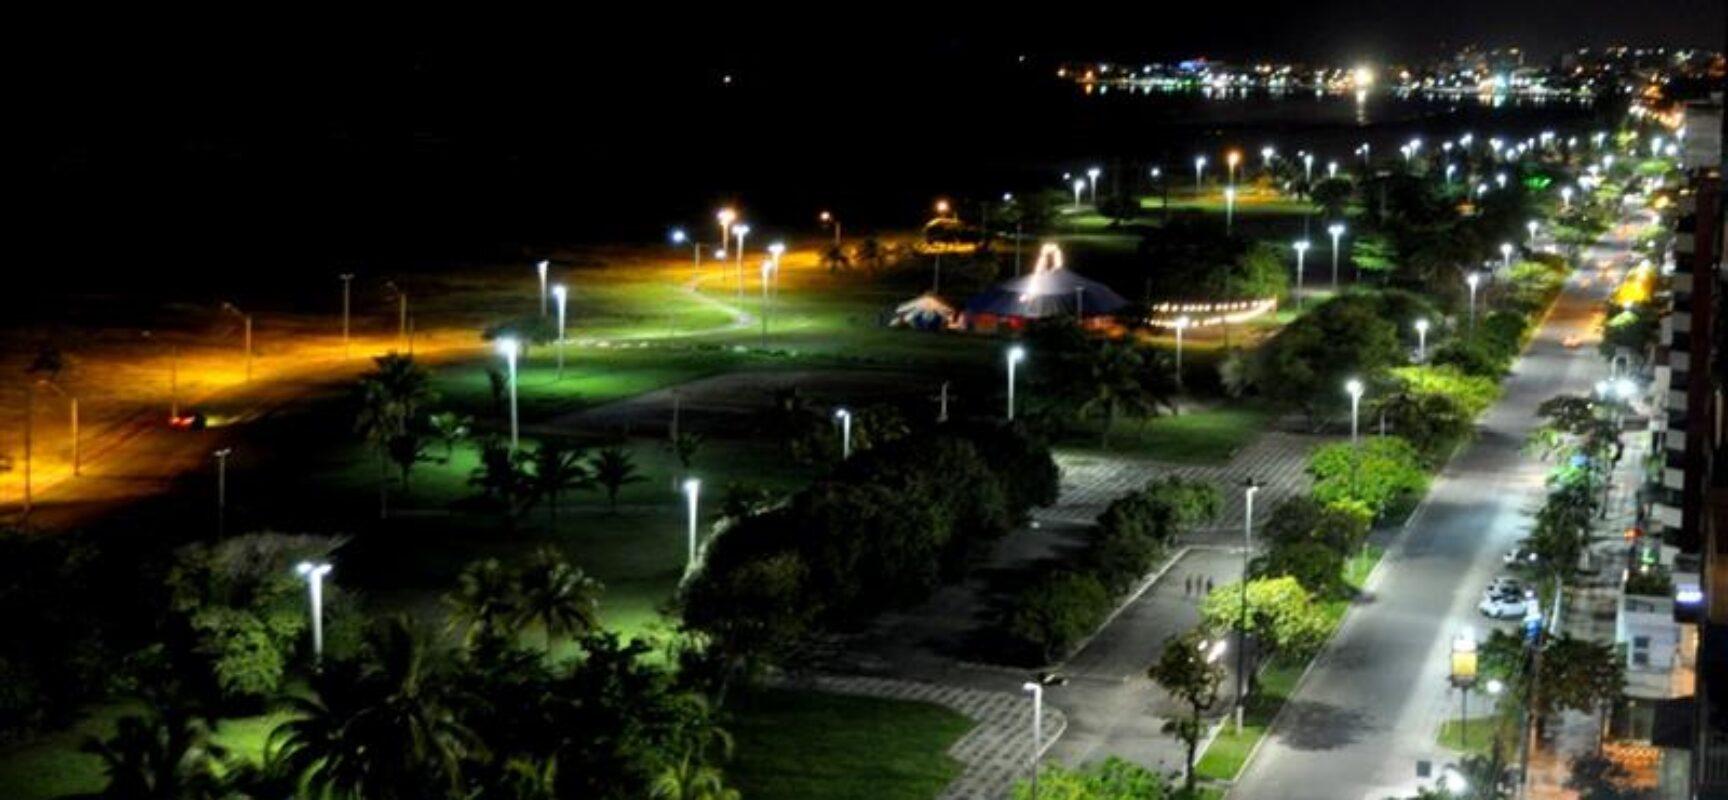 Questionário sobre a avenida Soares Lopes já está disponível para a população opinar